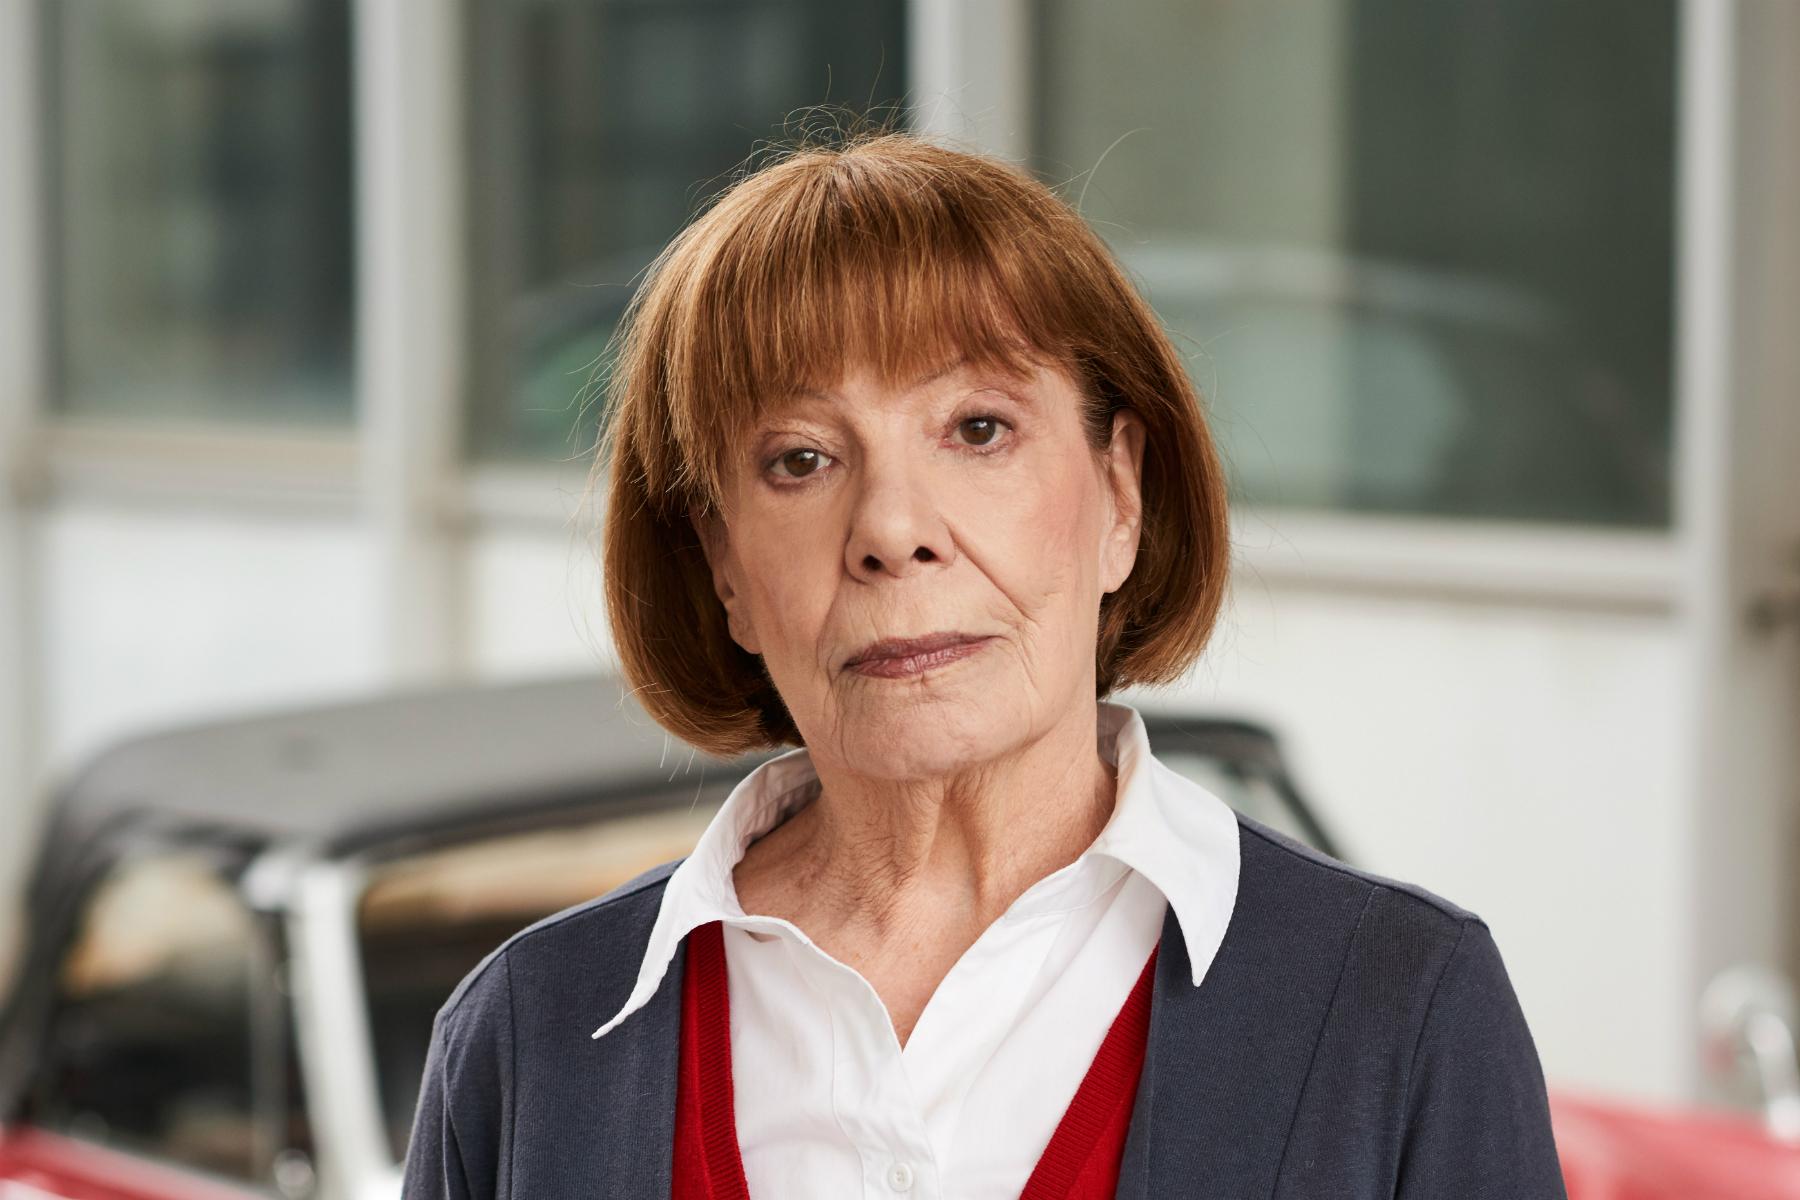 Heide Ackermann